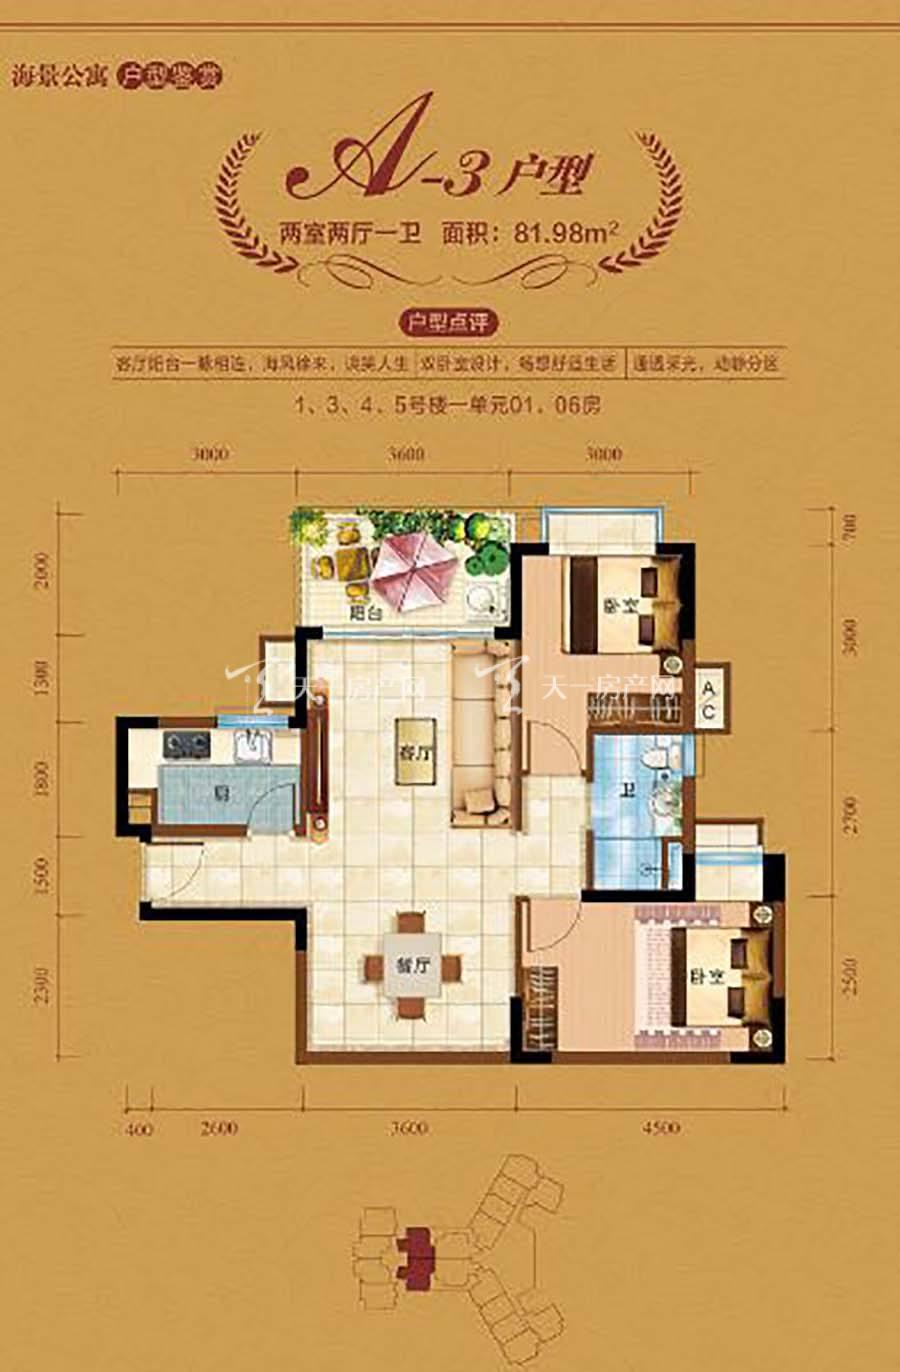 中视金海湾A3户型/2房2厅1卫/建筑面积:约81.98㎡